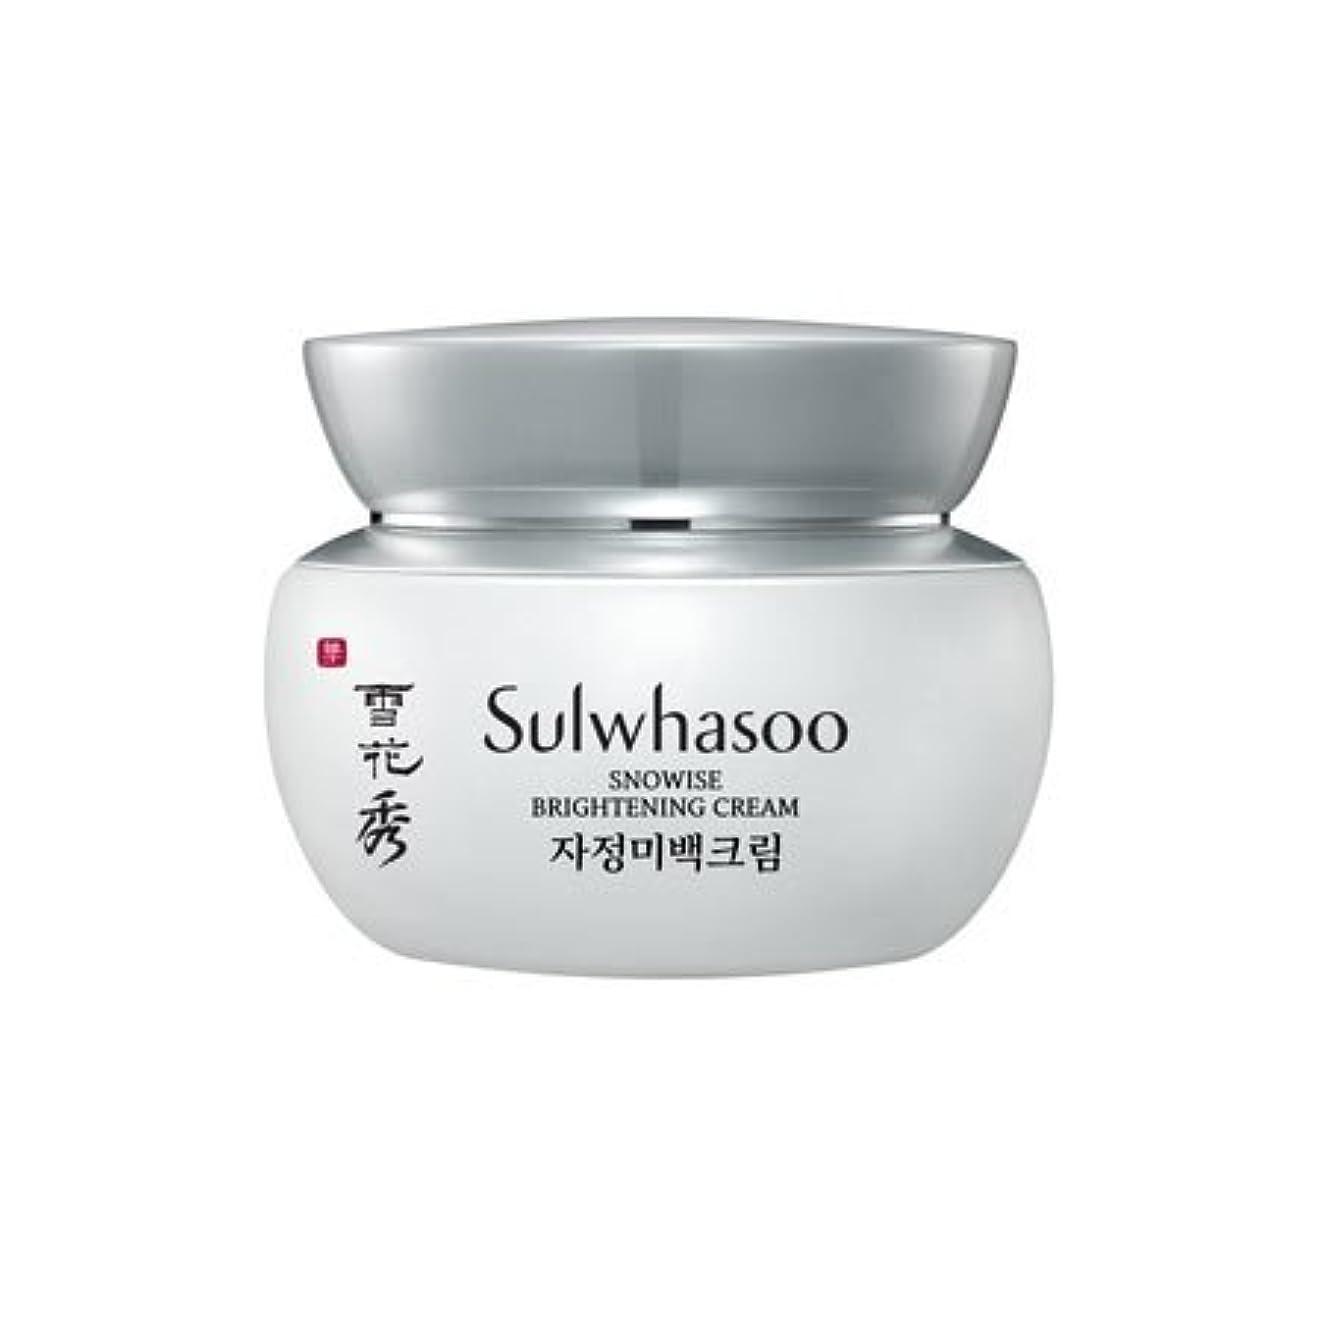 一貫性のない標準認証【ソルファス】Sulwhasoo Snowise Brightening Cream - 50ml(50ml (韓国直送品) (SHOPPINGINSTAGRAM)